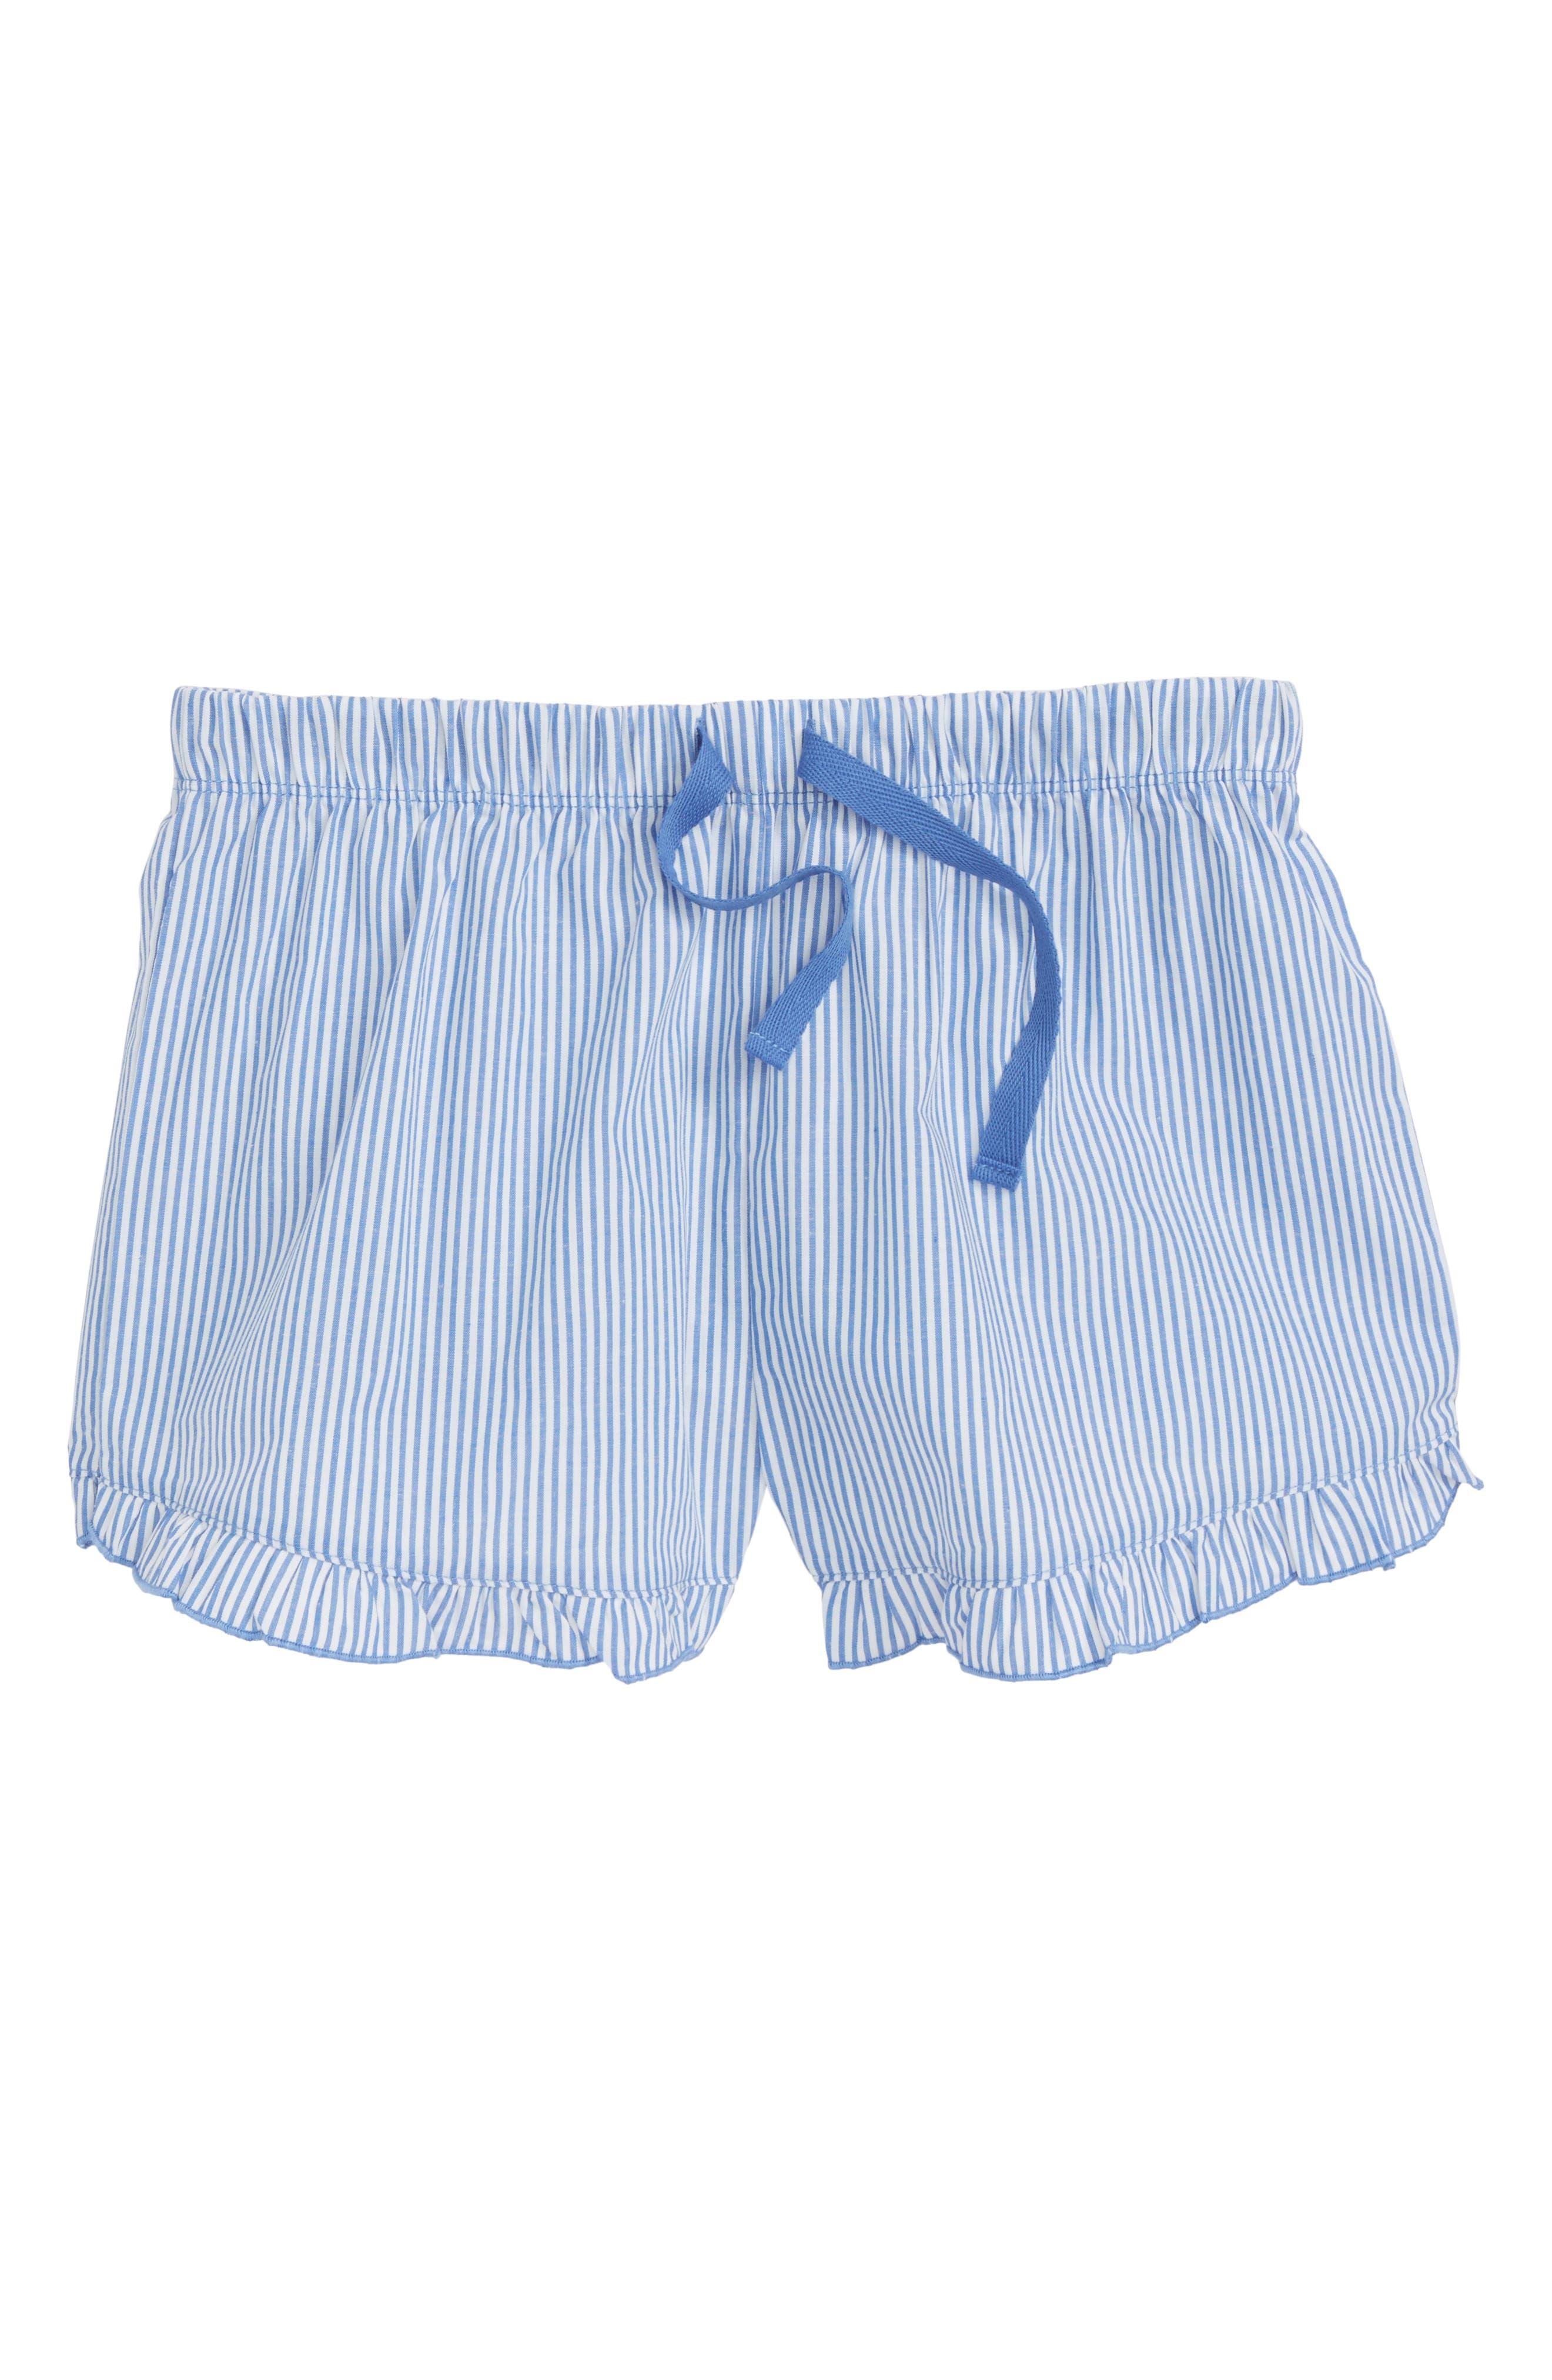 Ruffle Pajama Shorts,                             Main thumbnail 1, color,                             100